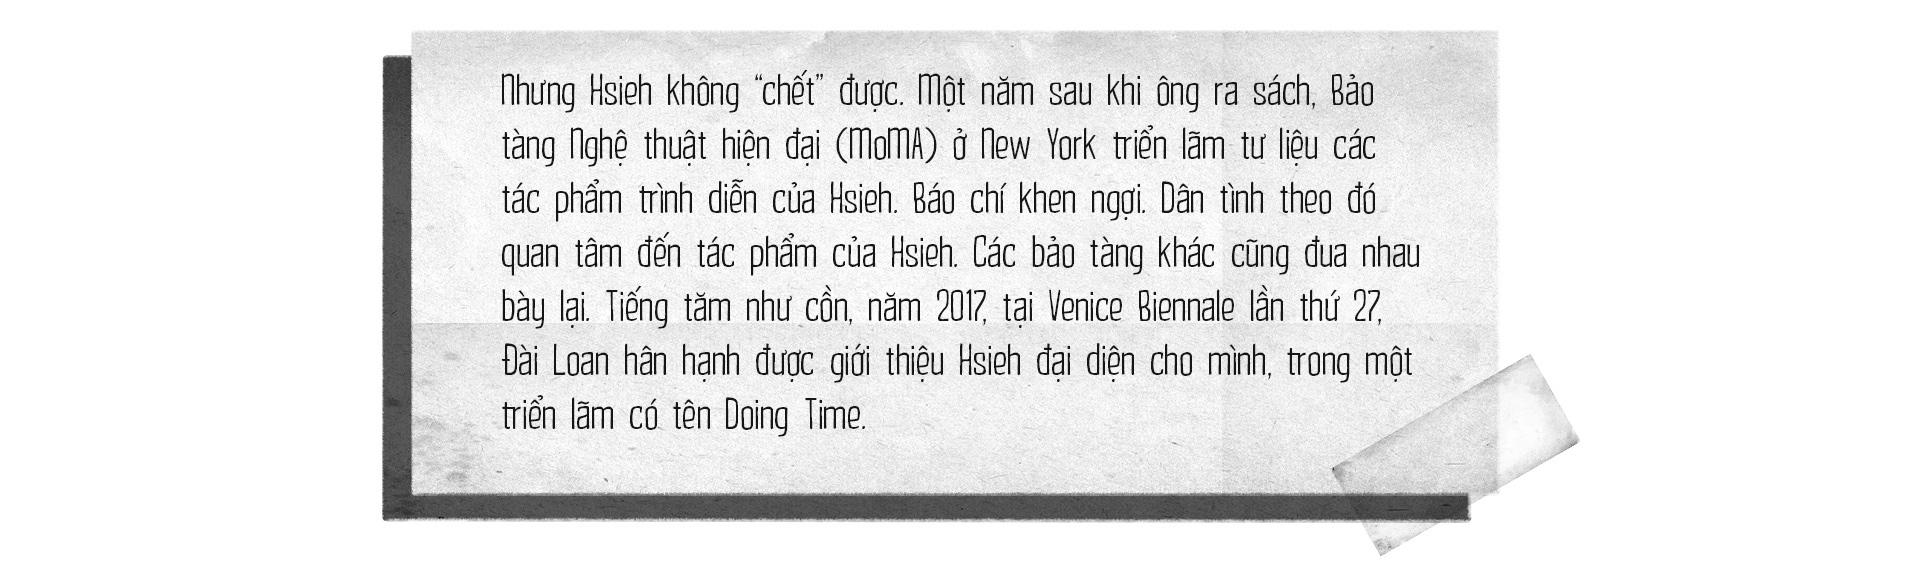 Hsieh - tưởng là phí thời gian mà là quý thời gian - Ảnh 7.